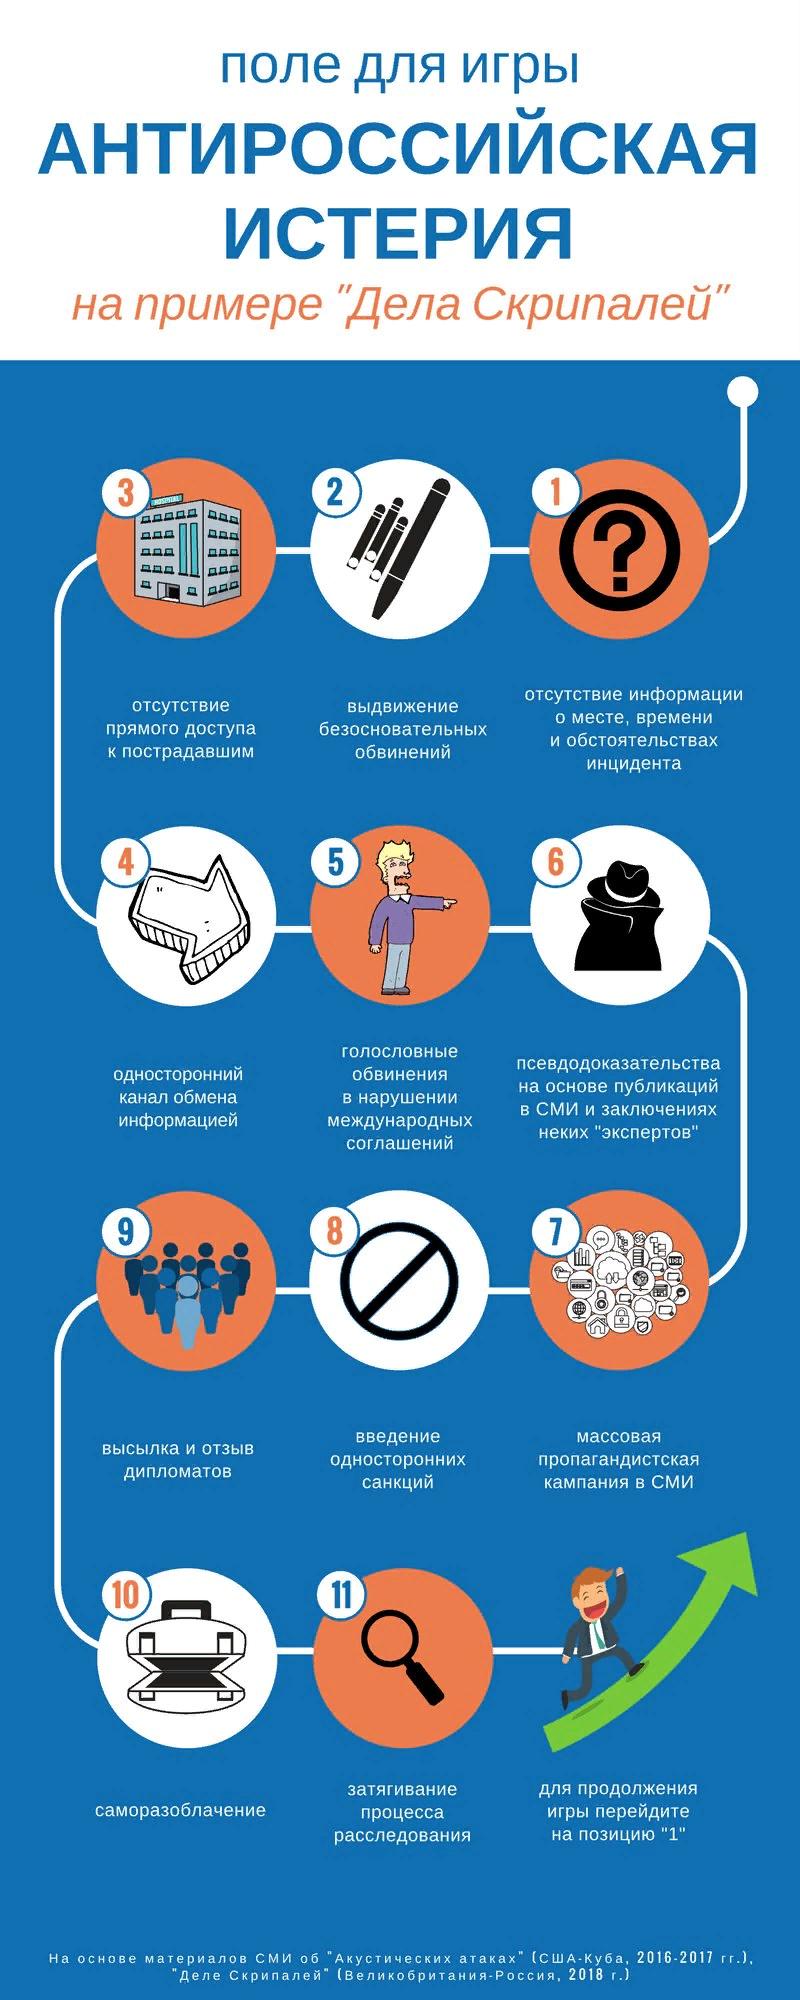 Инфографика МИД России.png